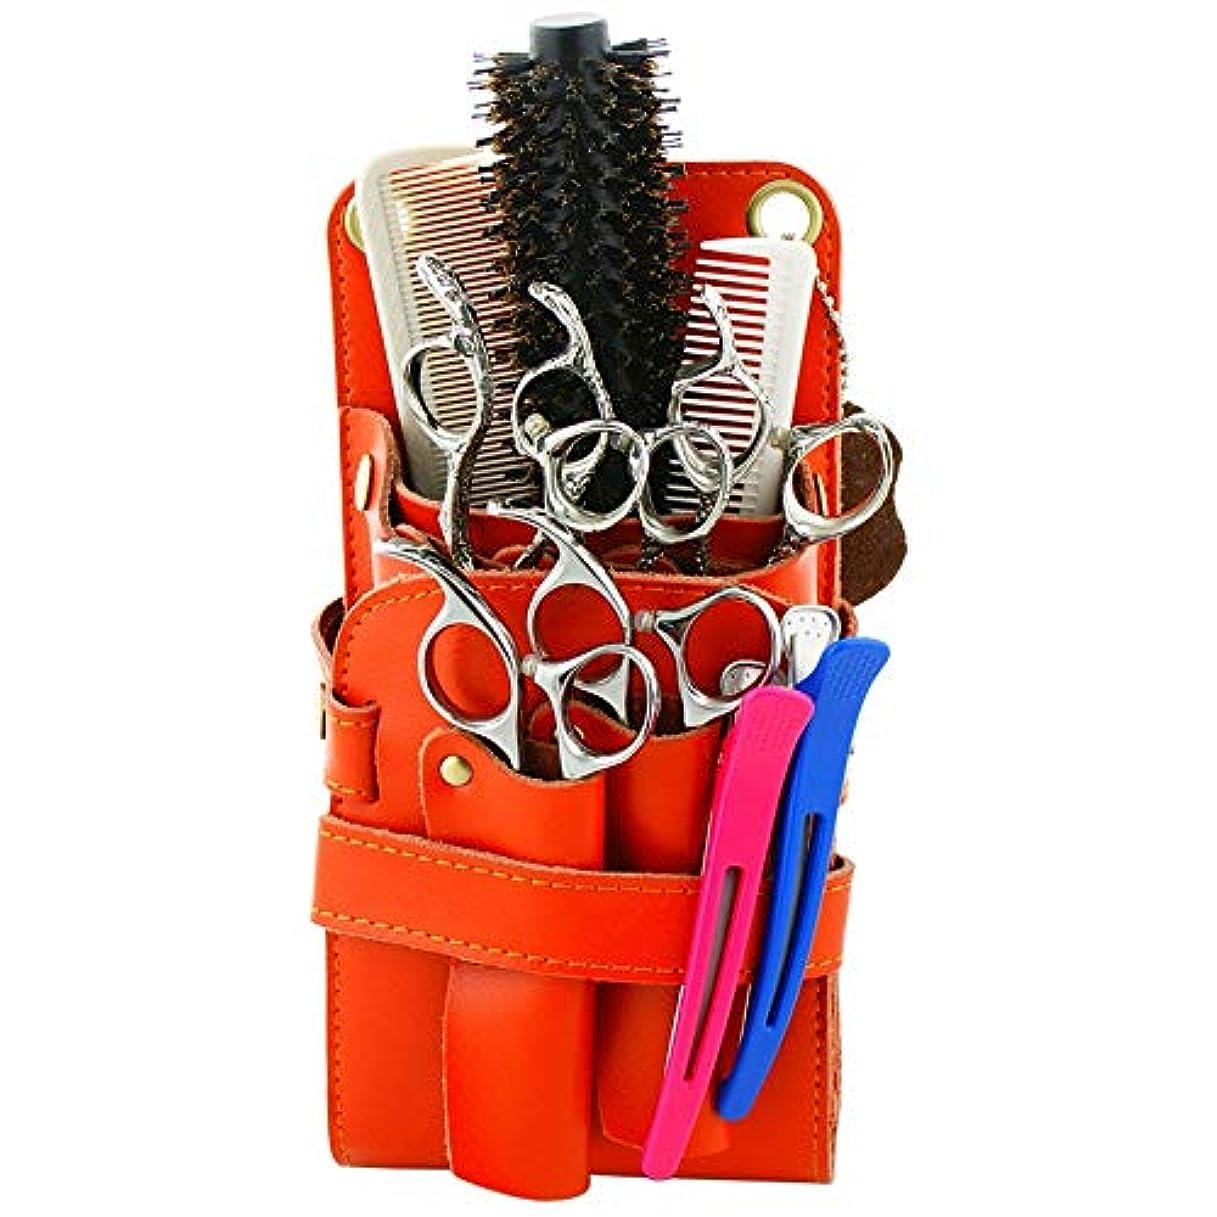 フィールド溢れんばかりの排除多機能ヘアスタイリストホルスターポーチ自分革理髪はさみ櫛櫛理髪ベルトポーチ モデリングツール (色 : オレンジ)